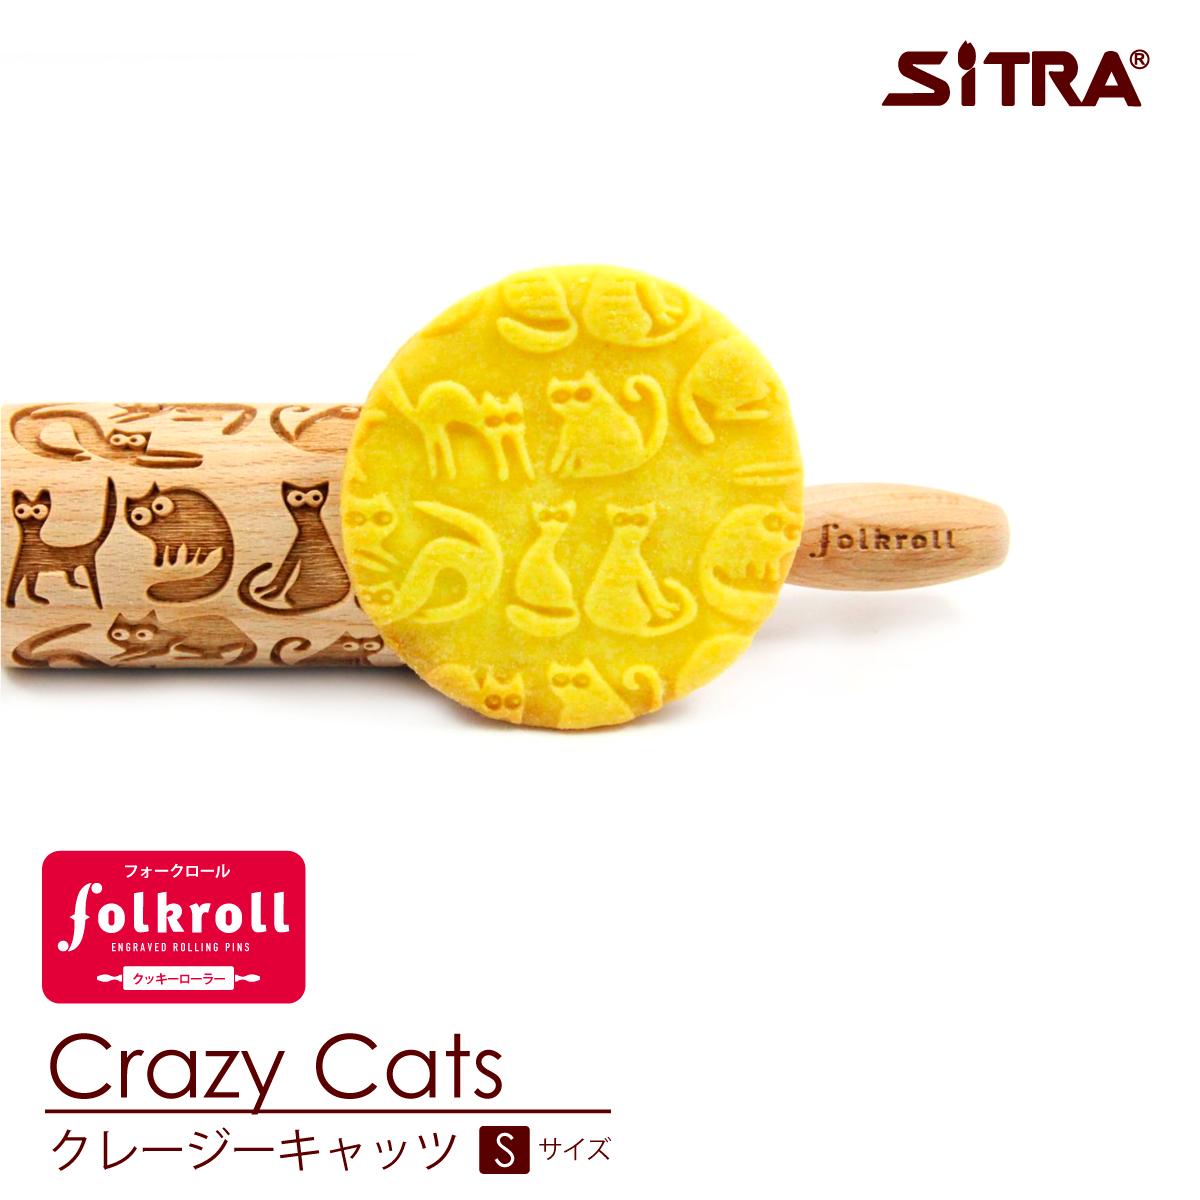 東欧ポーラーンド産メーカー直輸入のクッキーローラー ヨーロッパならではの柄が魅力です SiTRA シトラ おクッキー型とのコラボがおすすめ 送料無料 9 訳あり 25限定2個以上で10%OFFクーポン 木製 クッキーローラー クレイジーキャッツ Sサイズ ヨーロッパ プレゼントに 超激得SALE おしゃれで かわいい 手作り で デザインを厳選して直輸入 ギフト 人気 珍しい